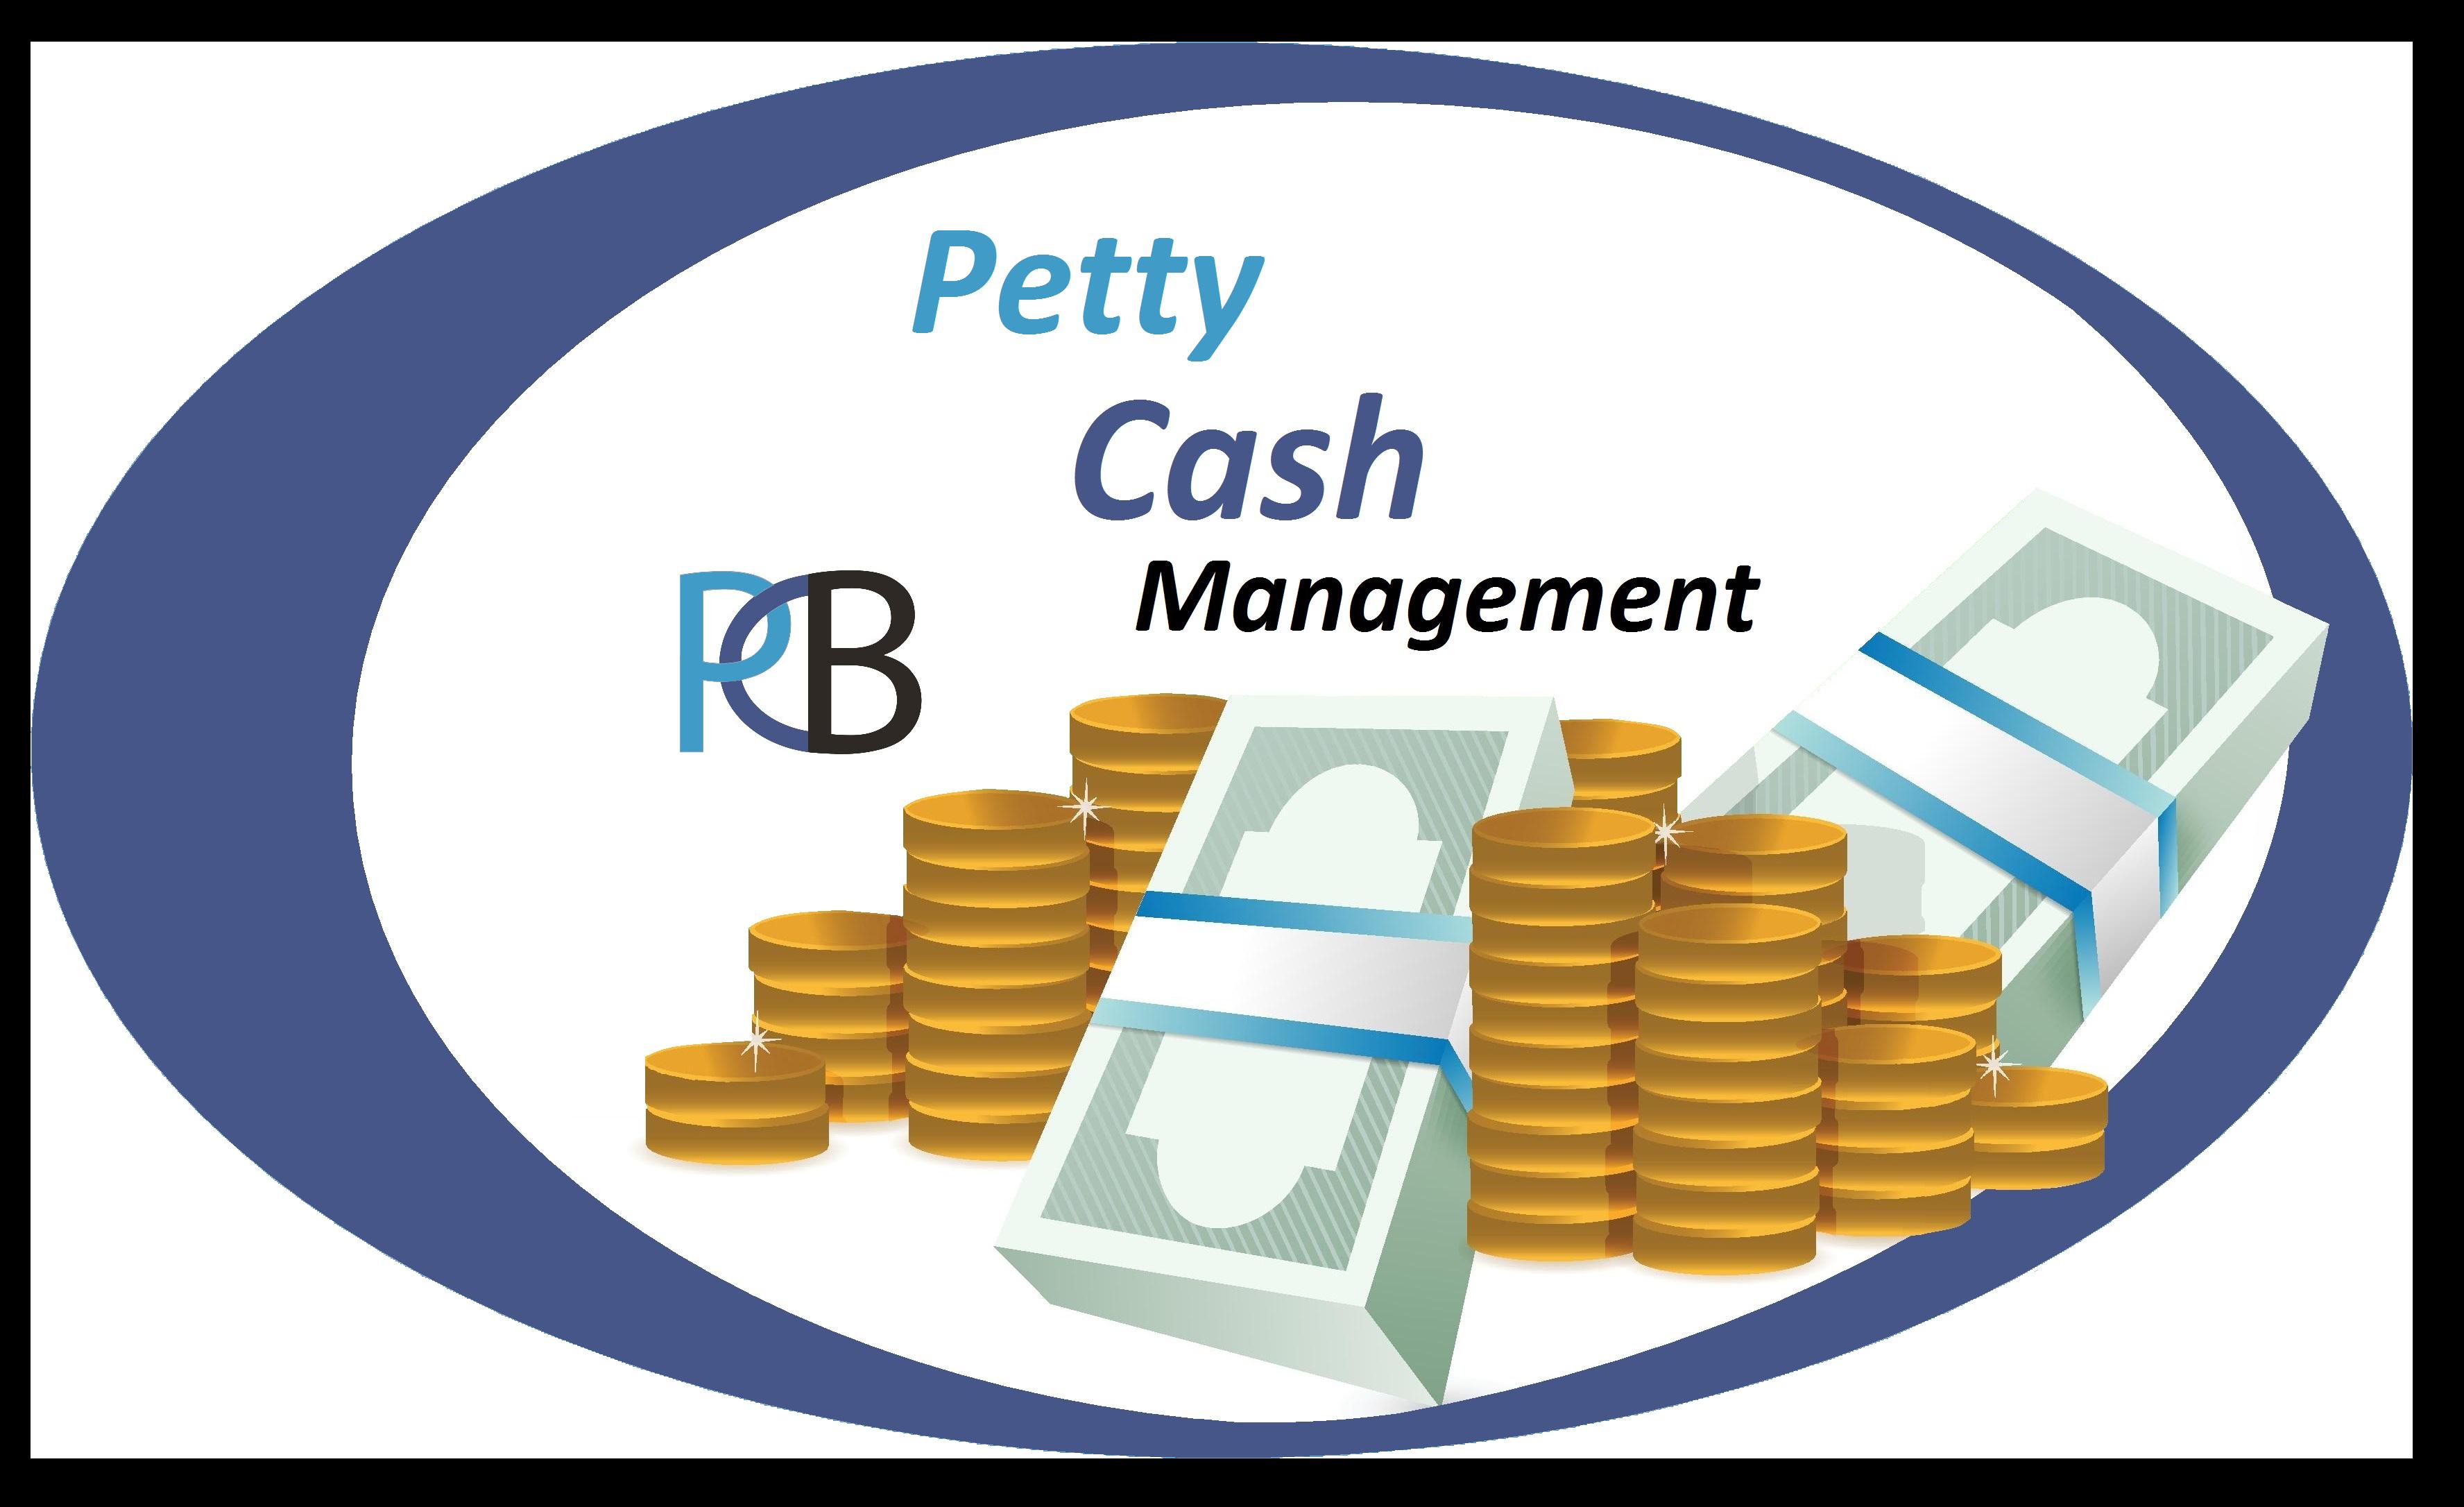 Petty, Cash, Management logo.